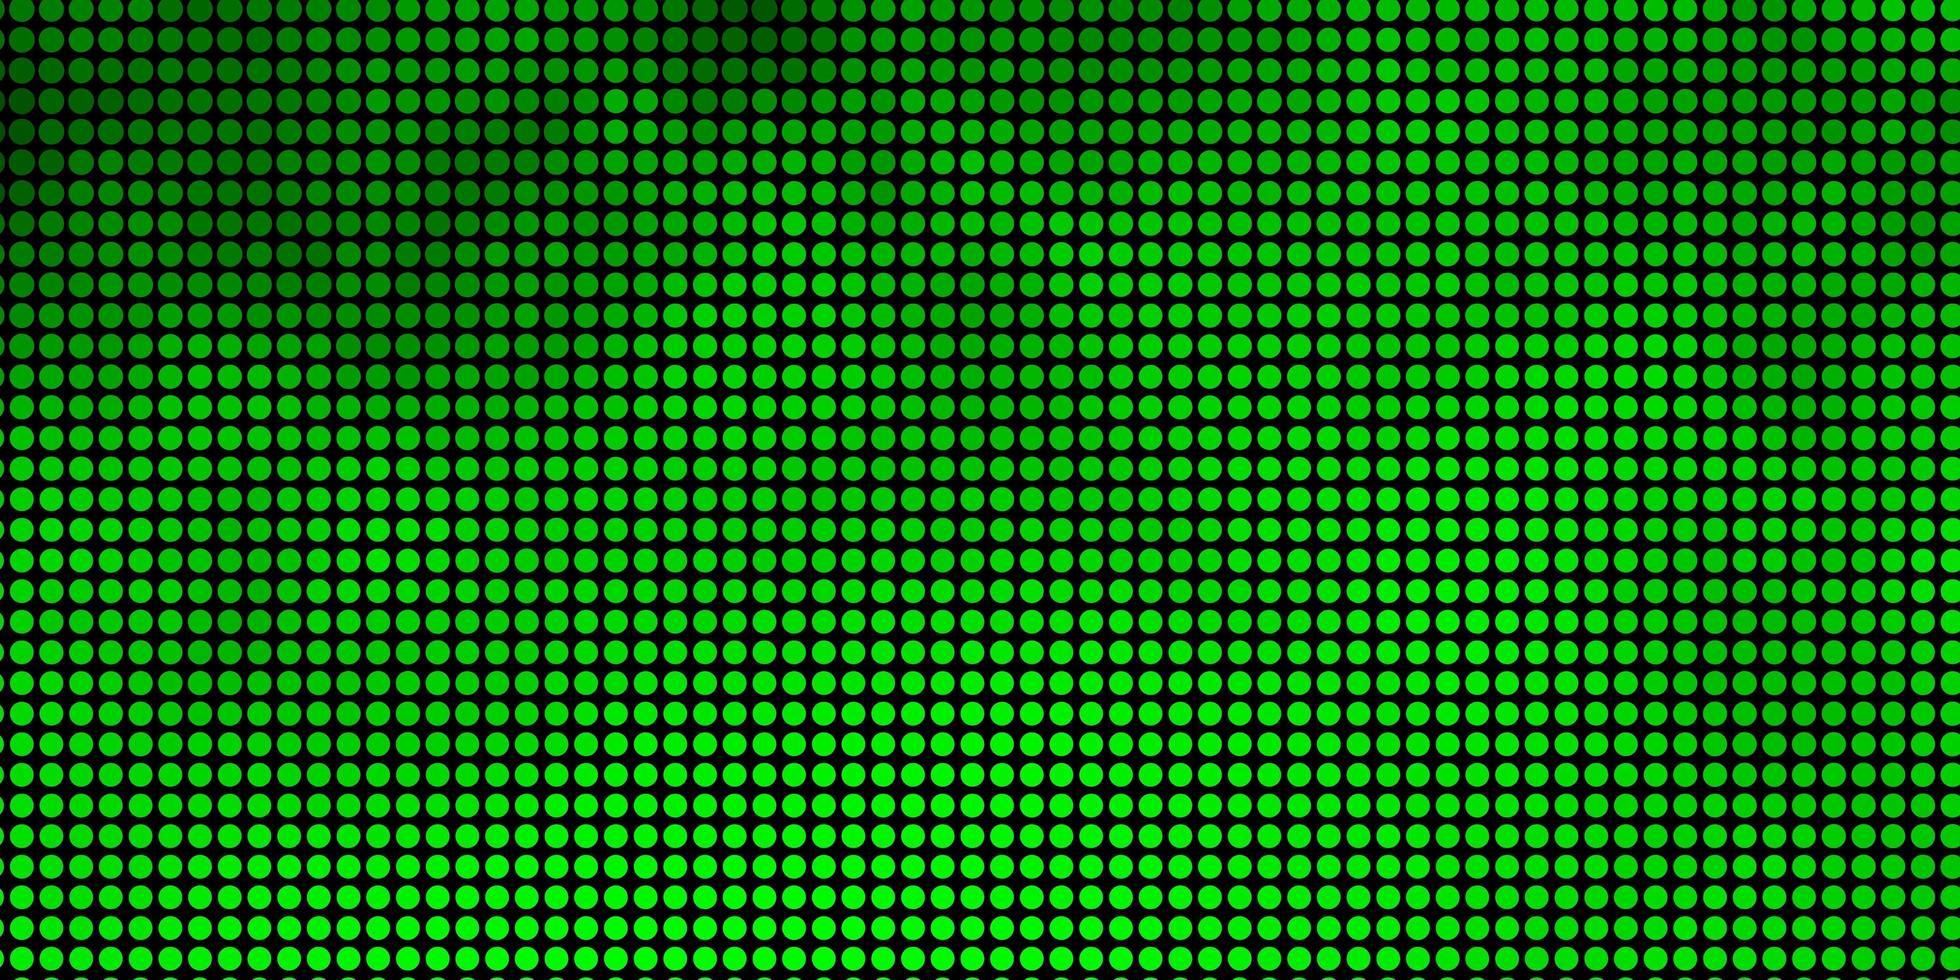 groene achtergrond met stippen. vector